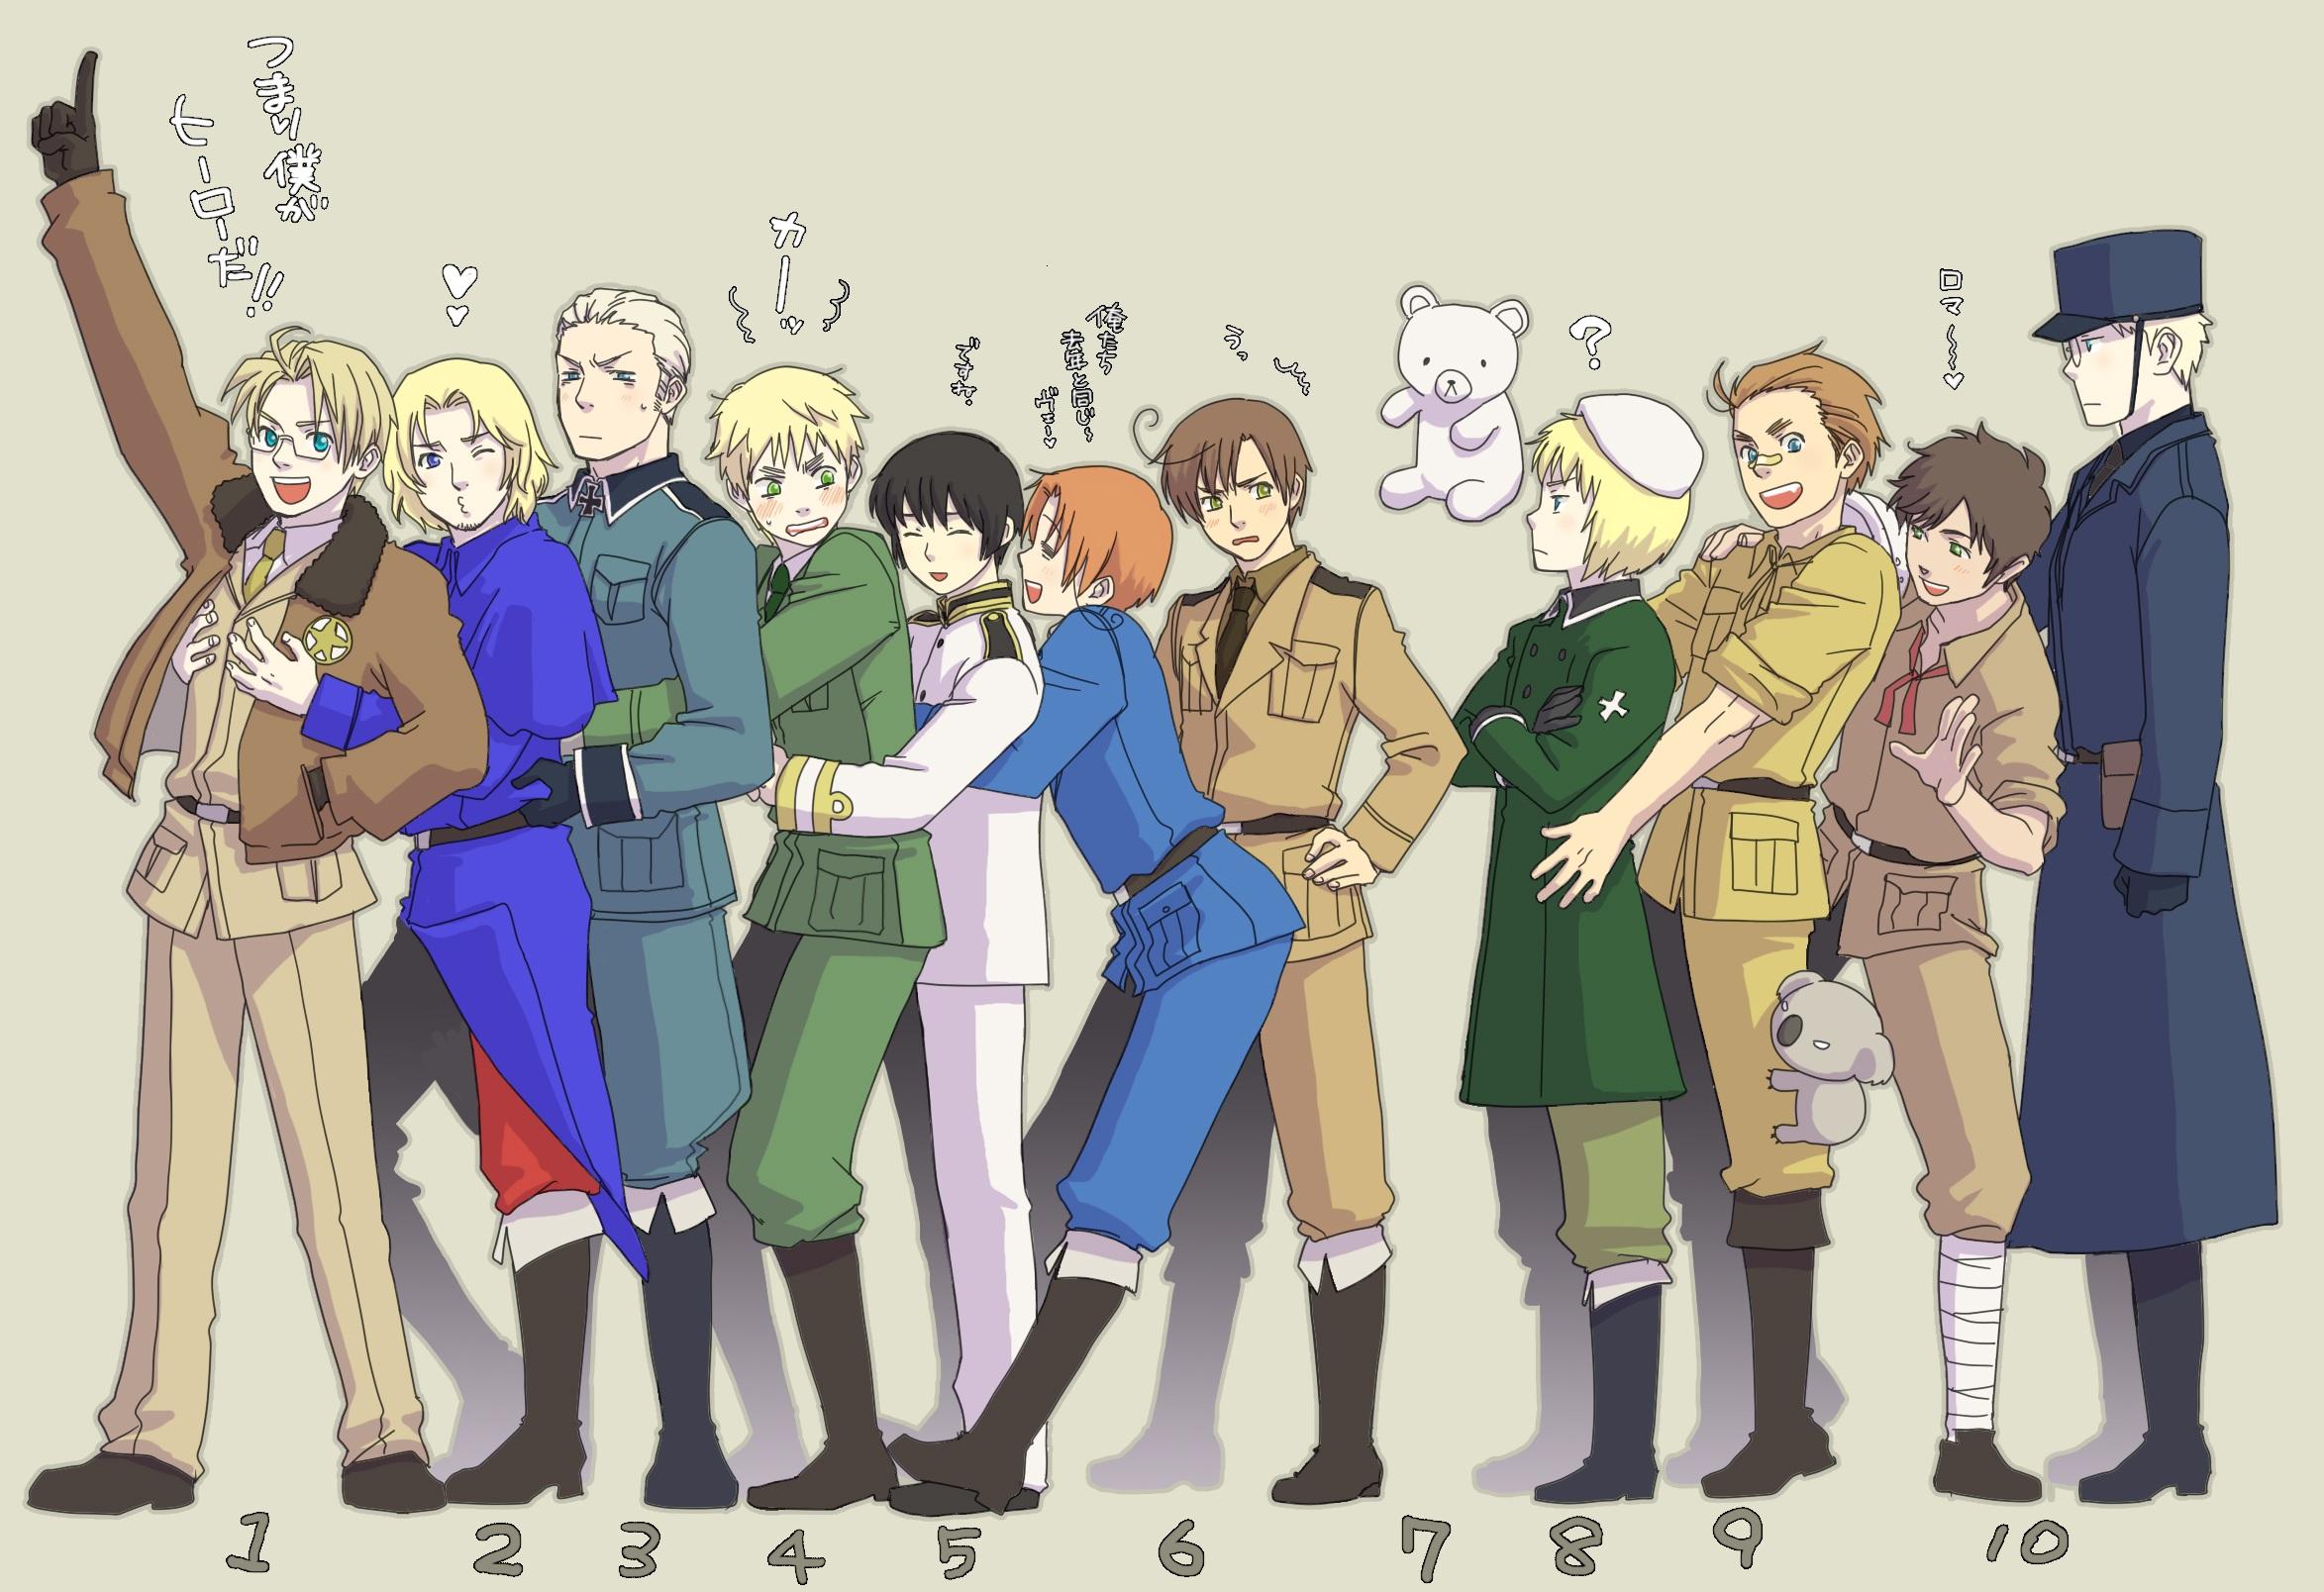 Axis Powers: Hetalia Image #1177546 - Zerochan Anime Image Board